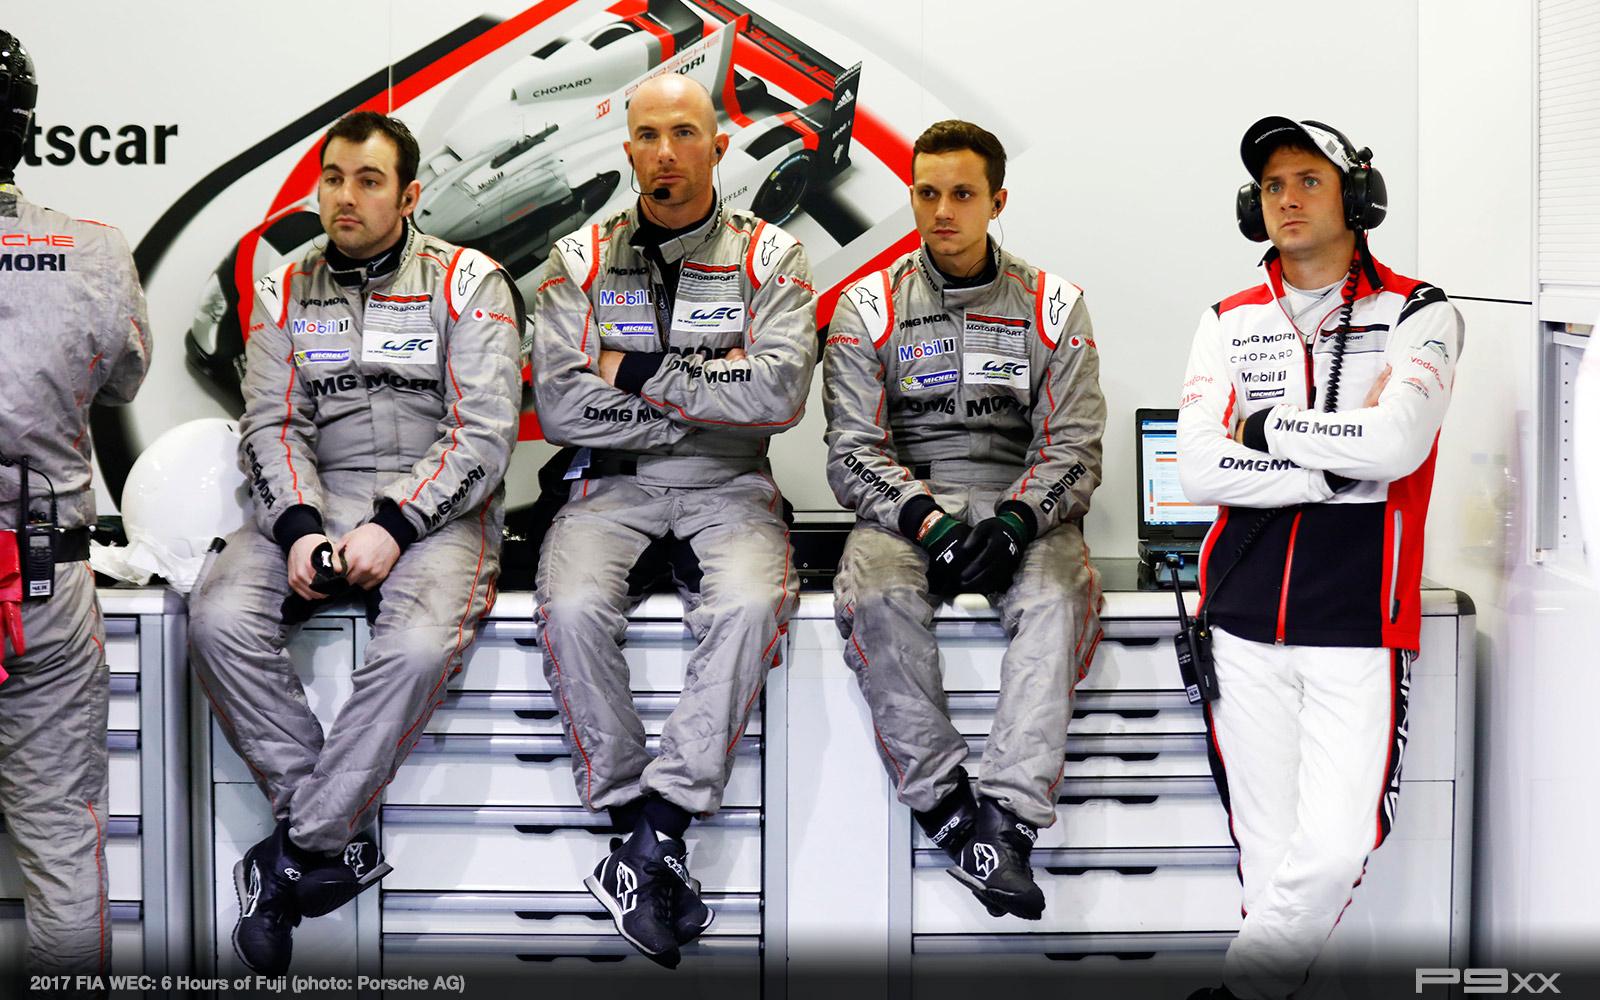 2017-FIA-WEC-6h-of-Fuji-Porsche-375